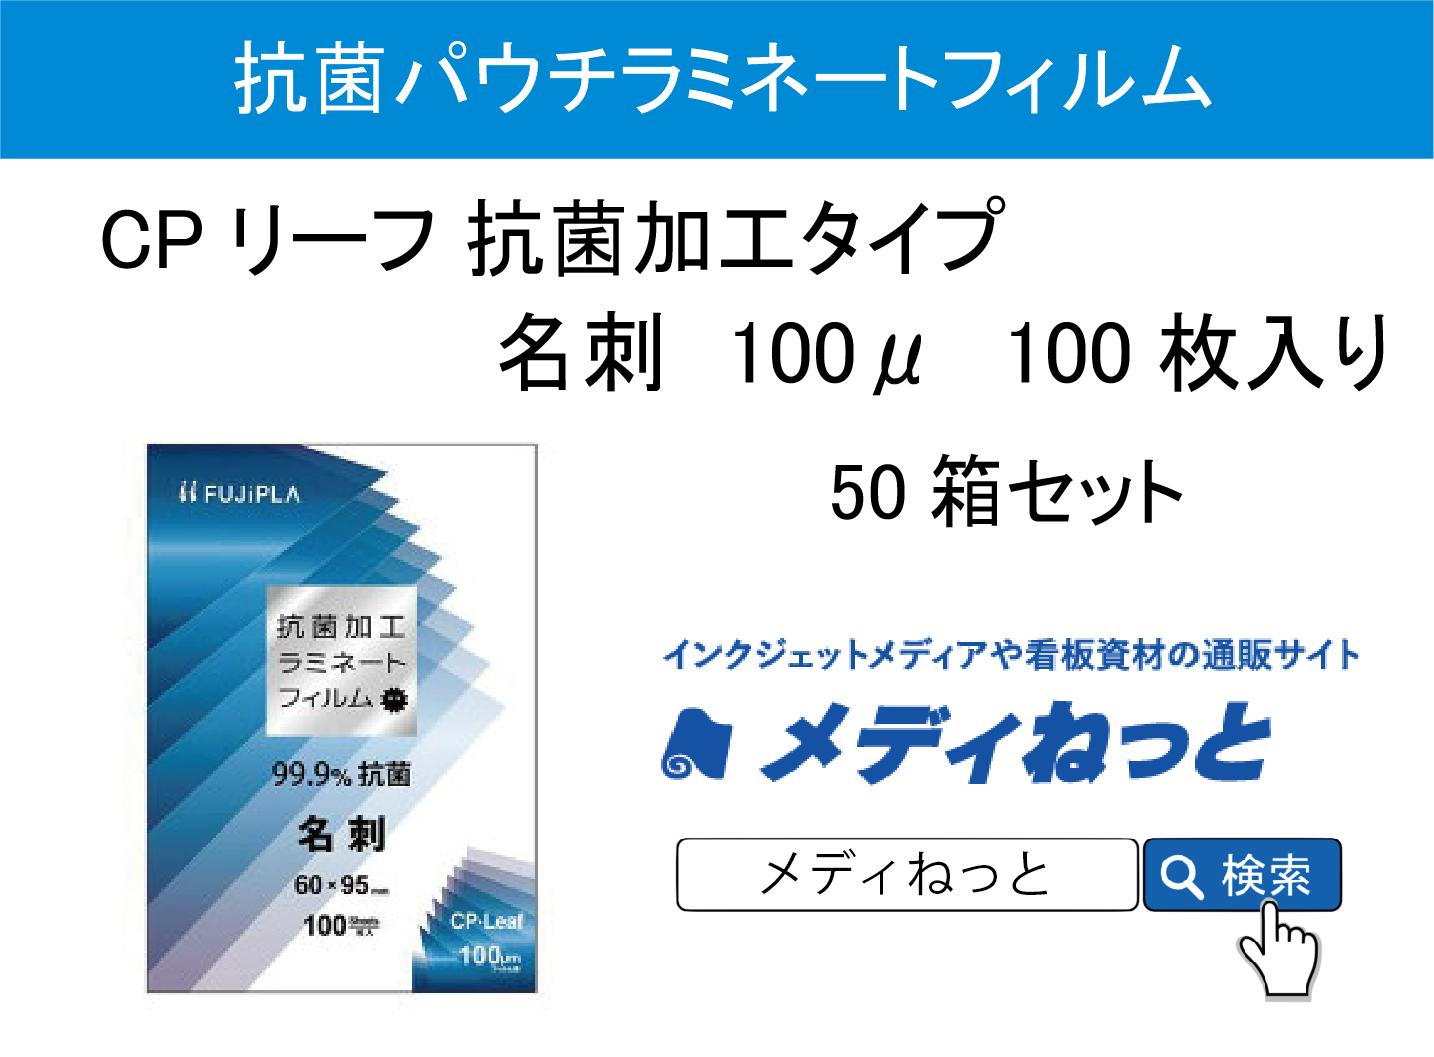 【50箱セット送料込】パウチラミネートフィルム CPリーフ 抗菌加工タイプ 名刺サイズ 100μ 100枚入り フジプラ製